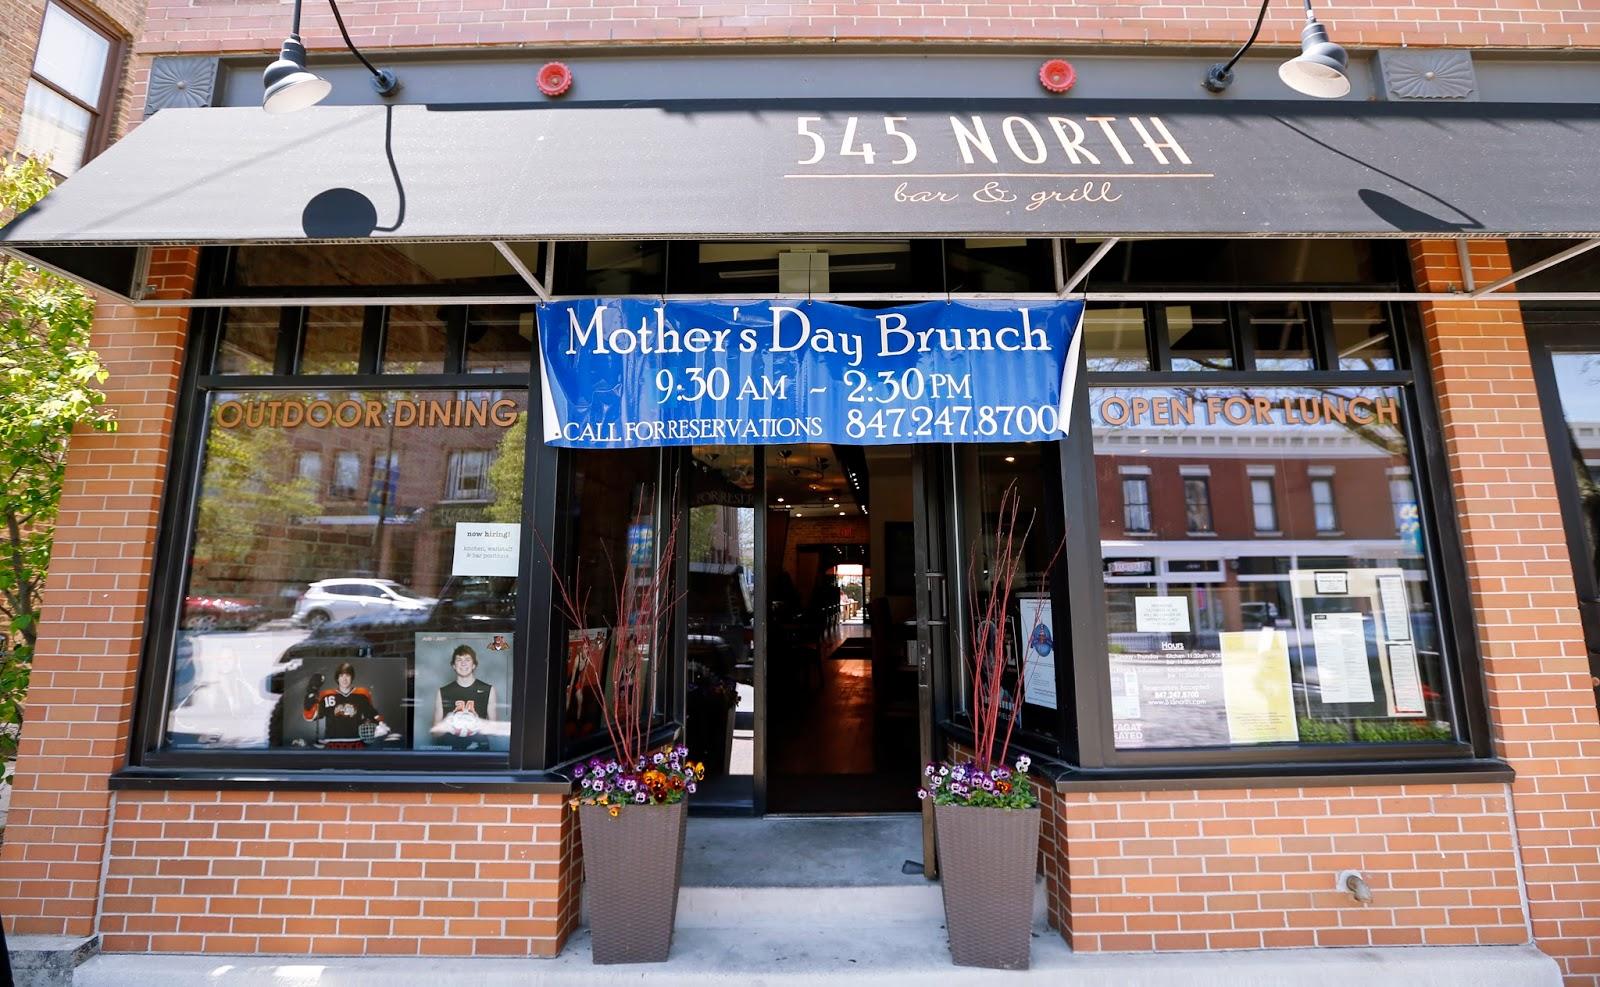 Mark Kodiak Ukena Lake County Restaurants Offering Mother S